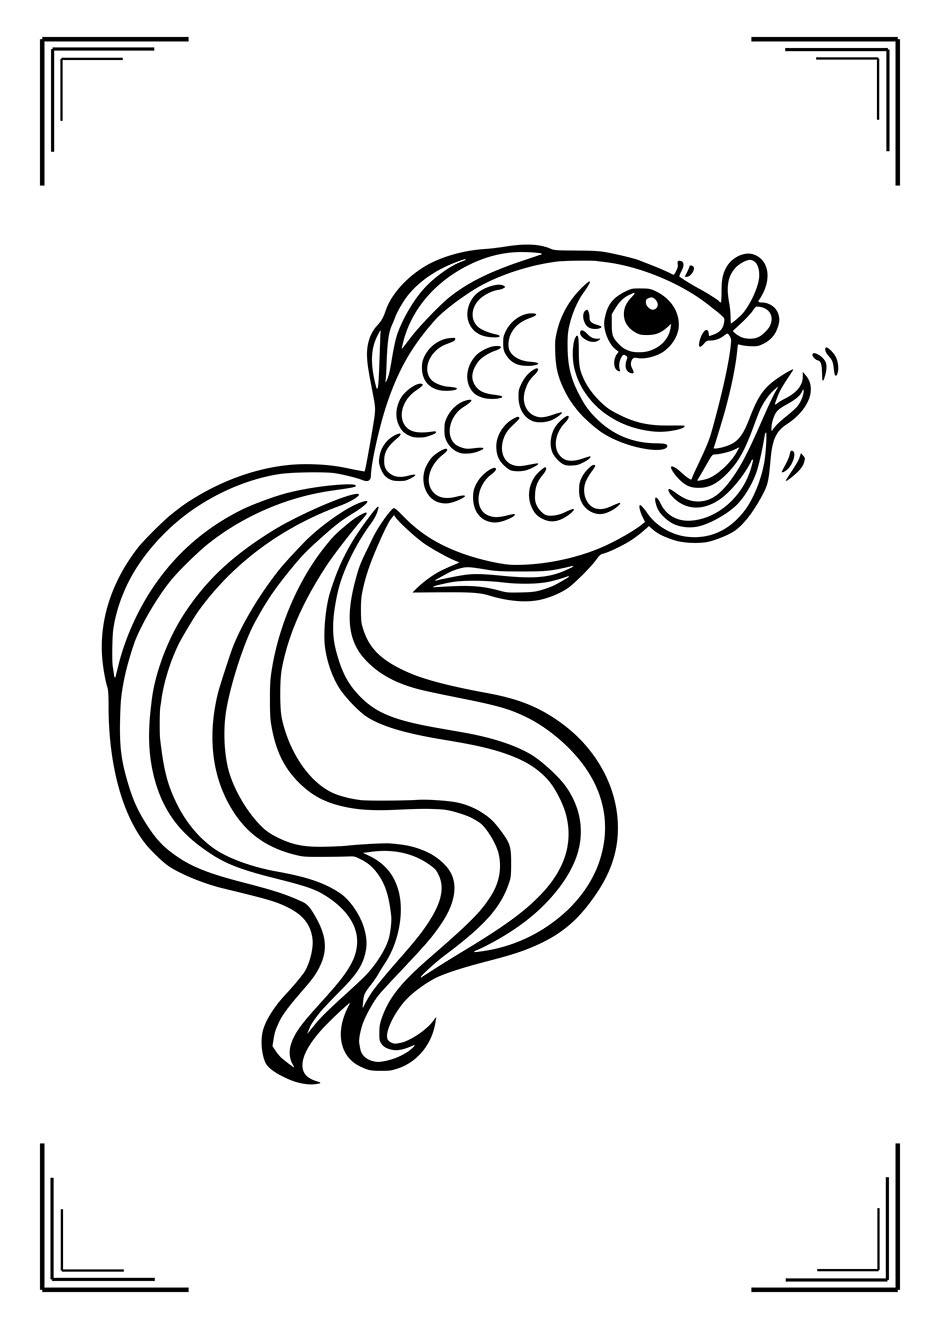 Раскраска: рыбка хлопает в плавники — raskraski-a4.ru